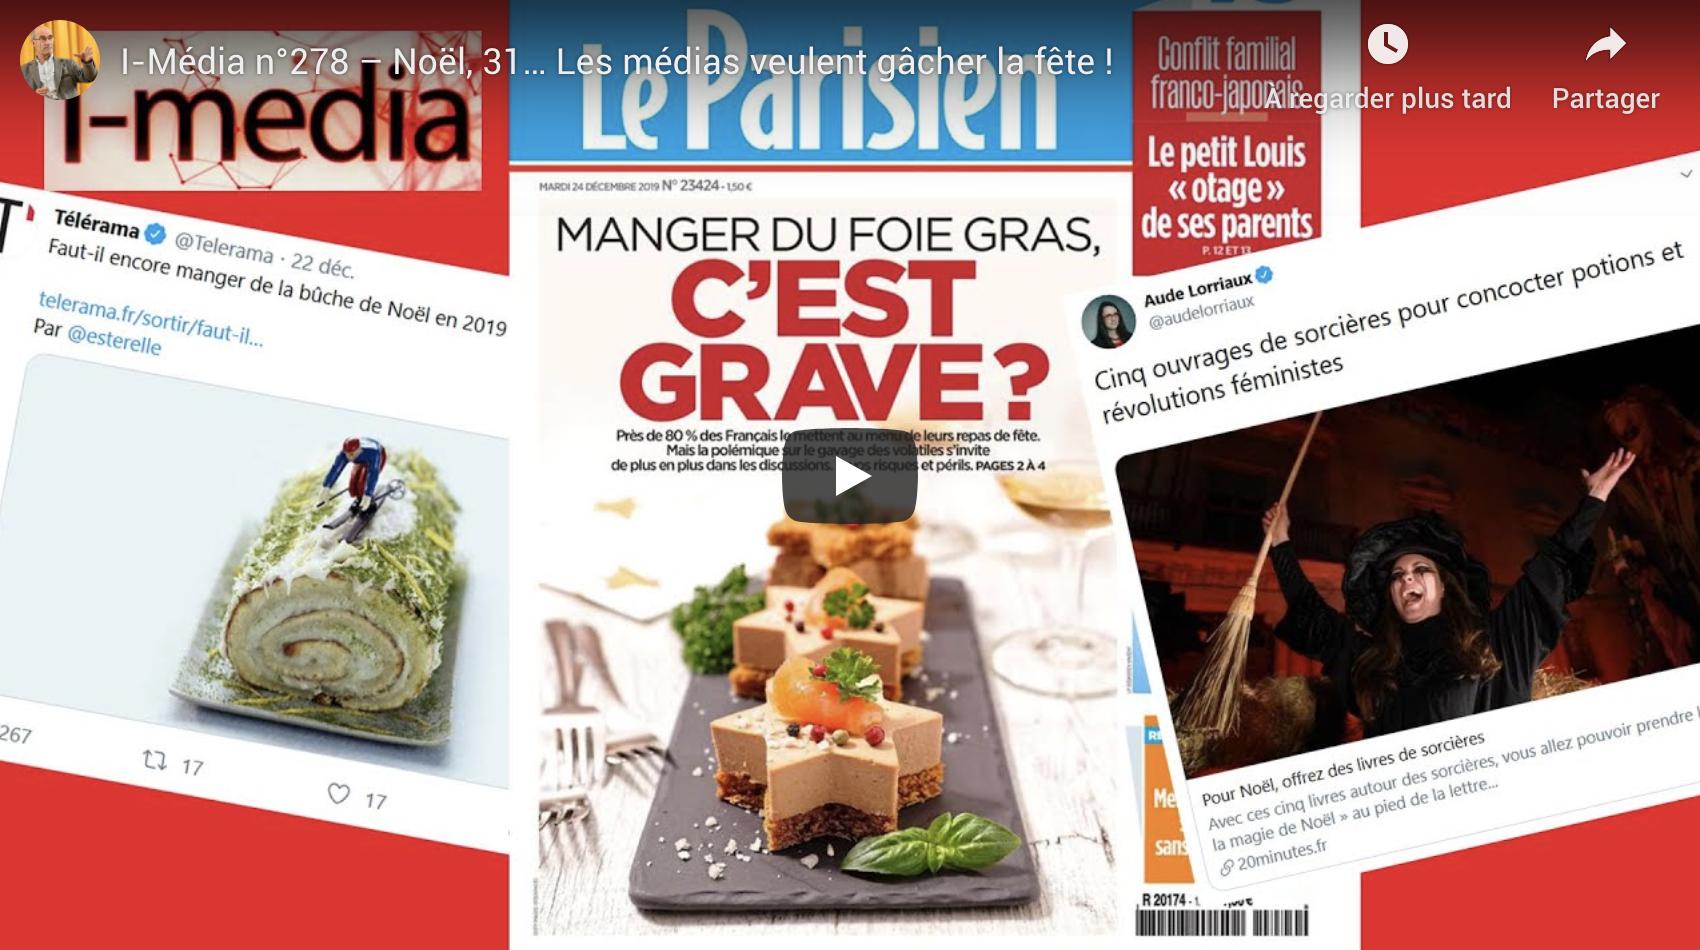 I-Média n°278 – Noël, 31… Les médias veulent gâcher la fête !